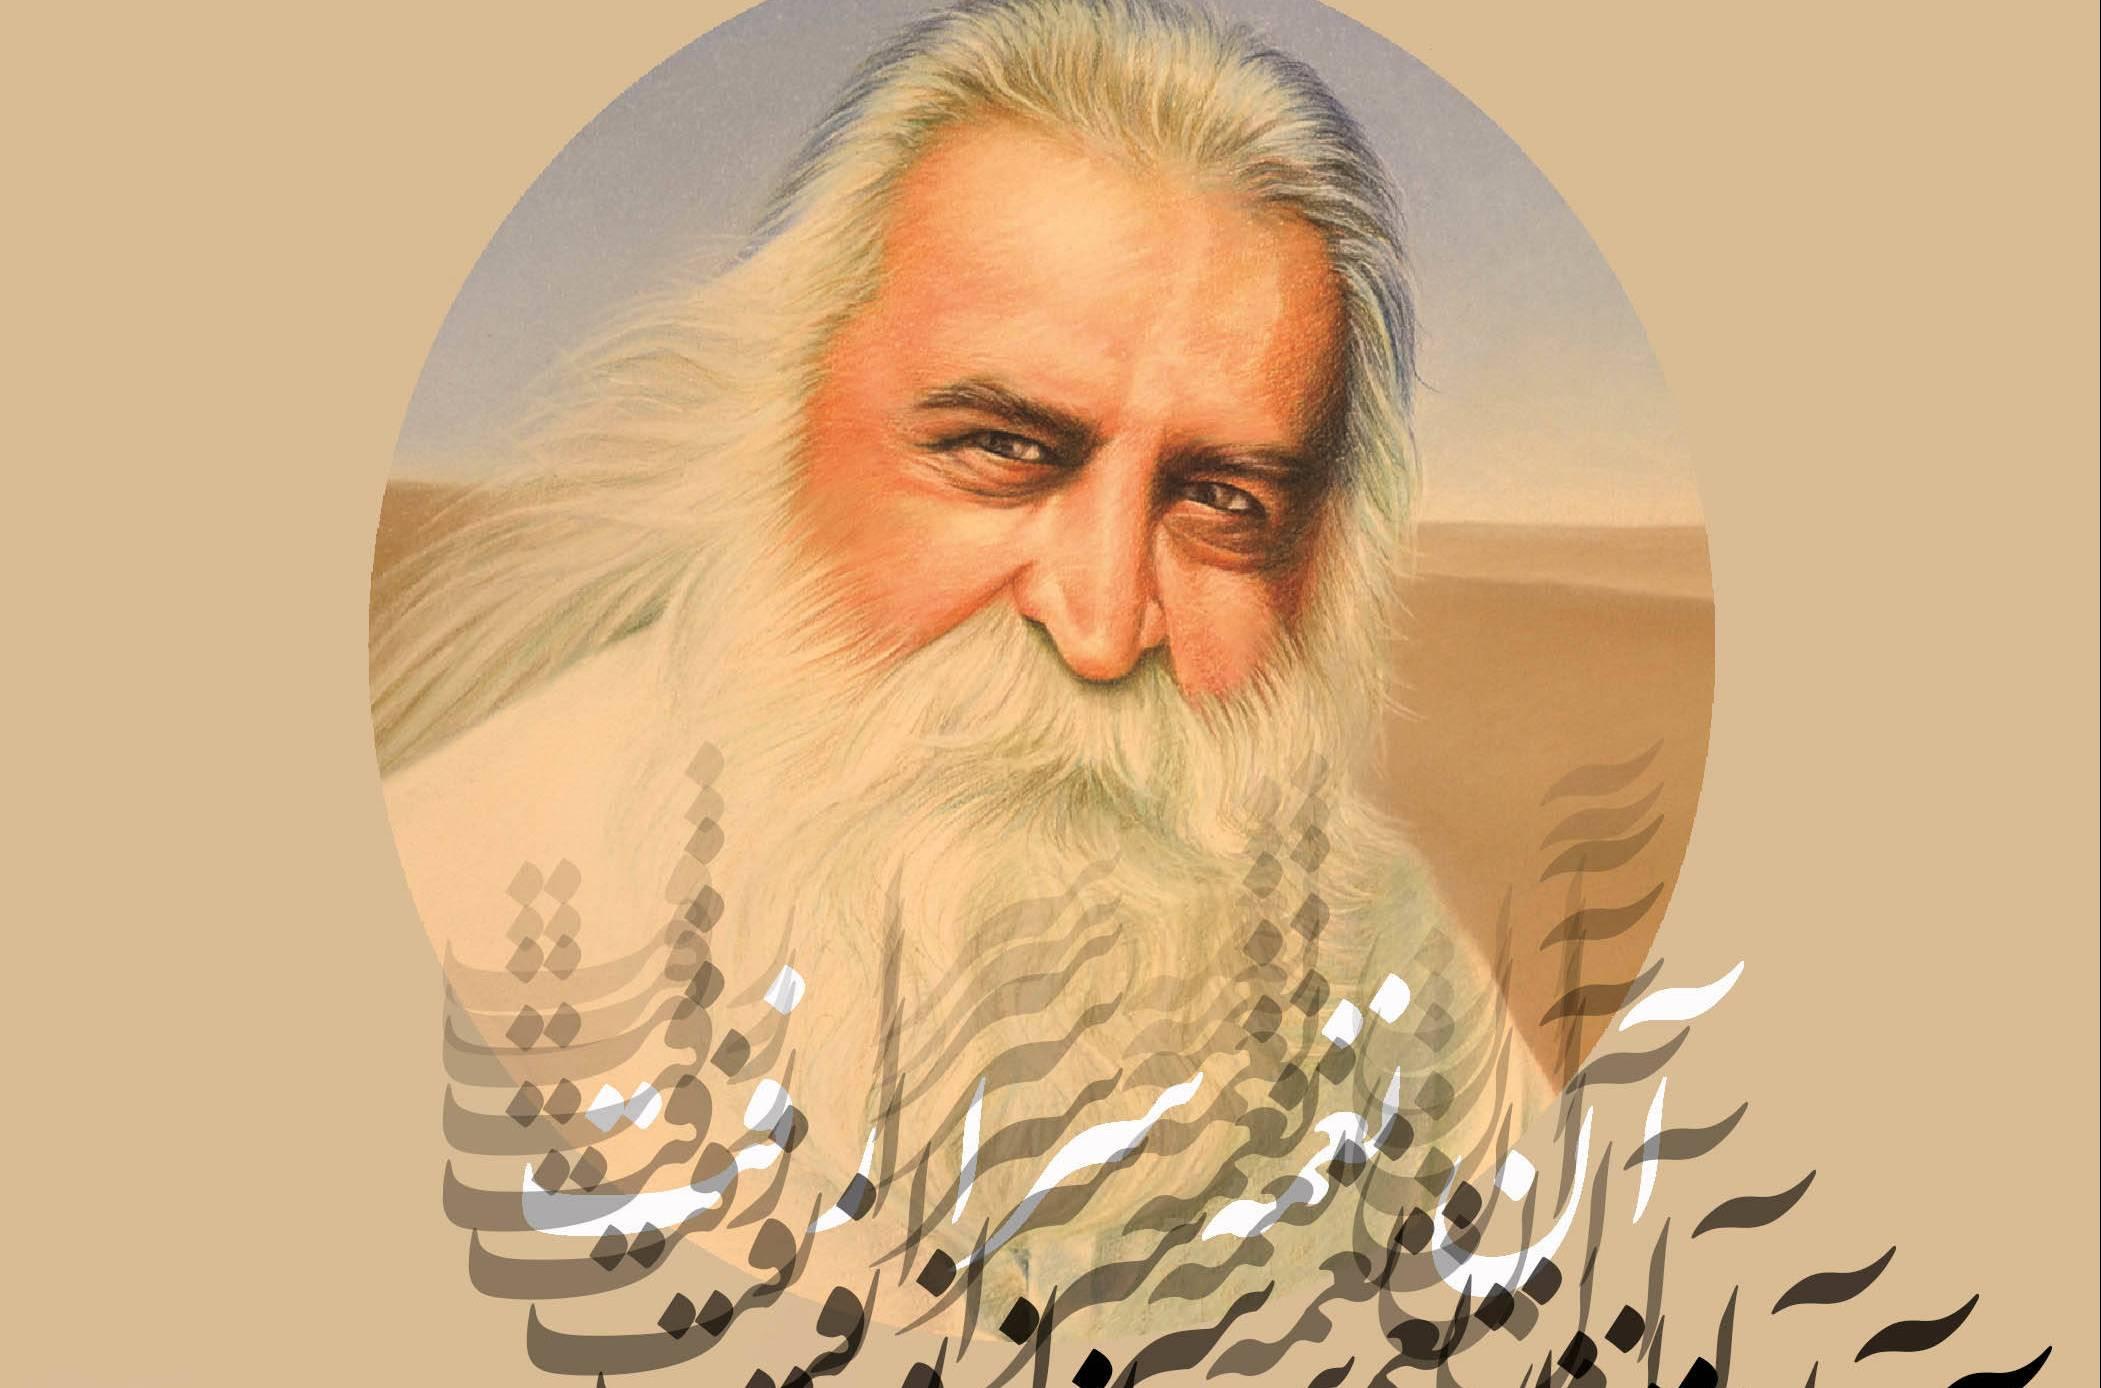 انتشار اثری در سوگ استاد «محمدرضا لطفی»